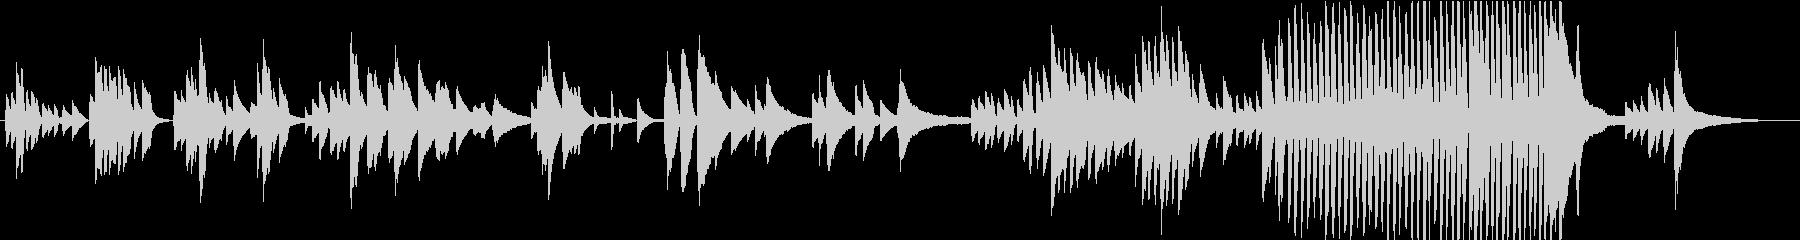 フリーテンポで即興要素のあるピアノ曲の未再生の波形